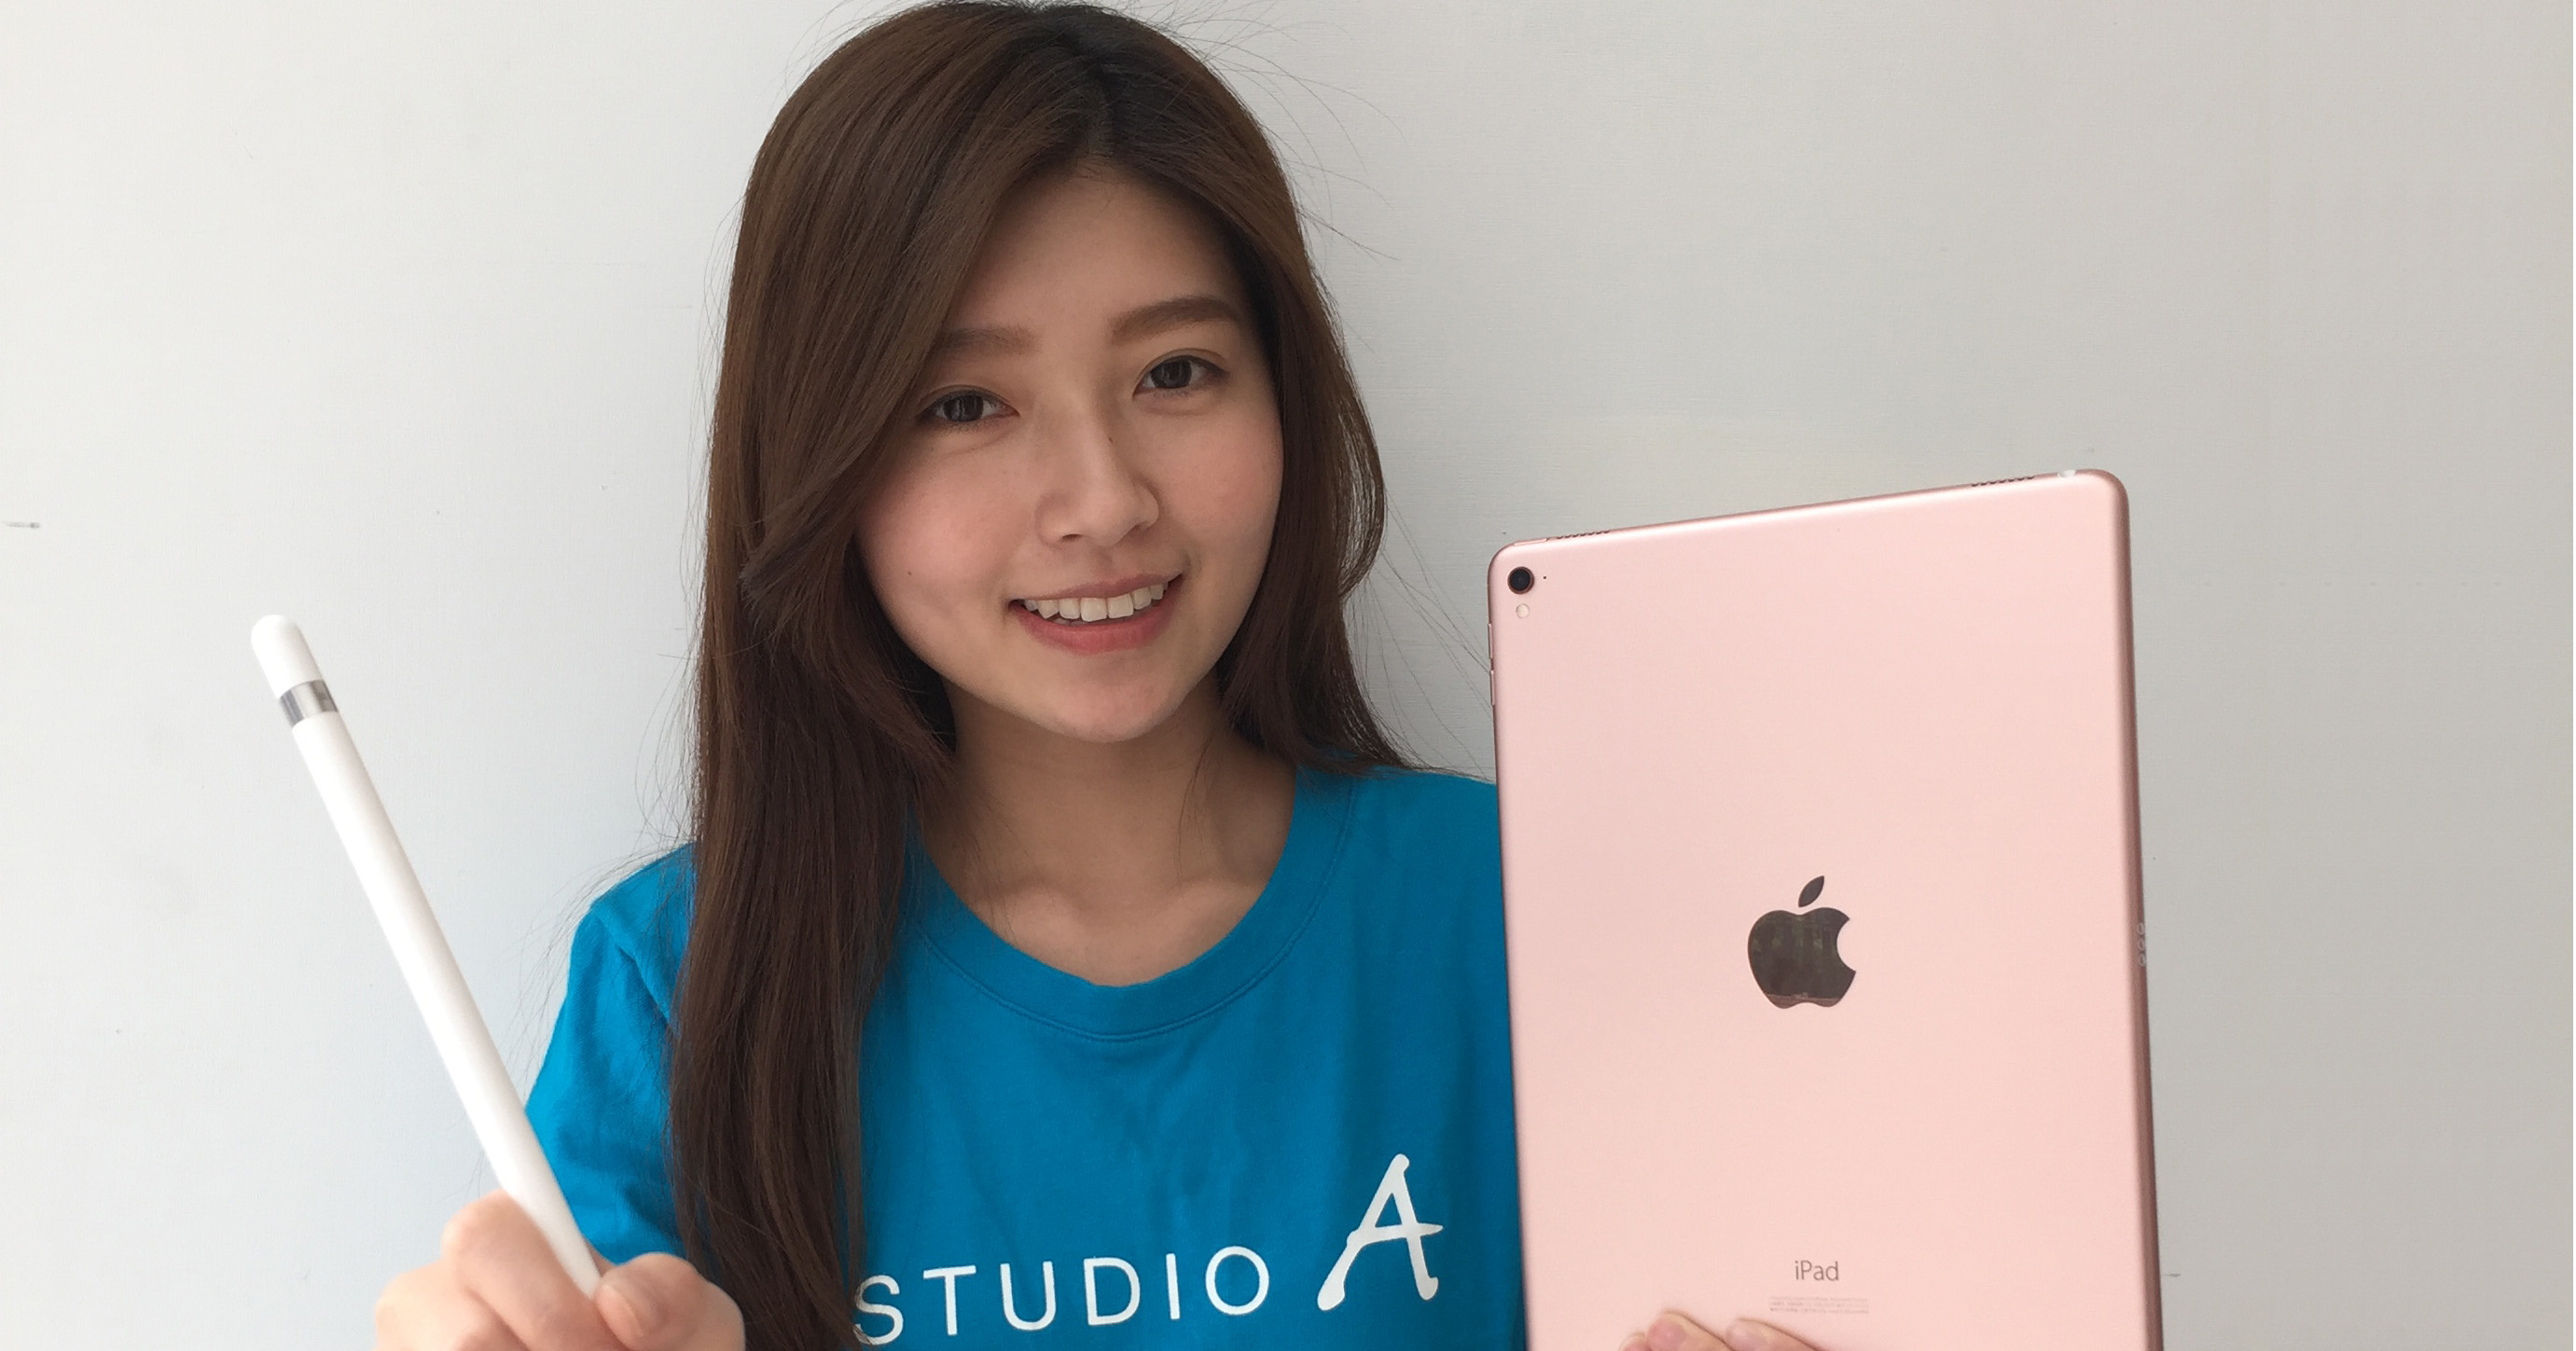 史上最高規格iPad矚目登台! 舊換新做公益 再享0元起購機優惠